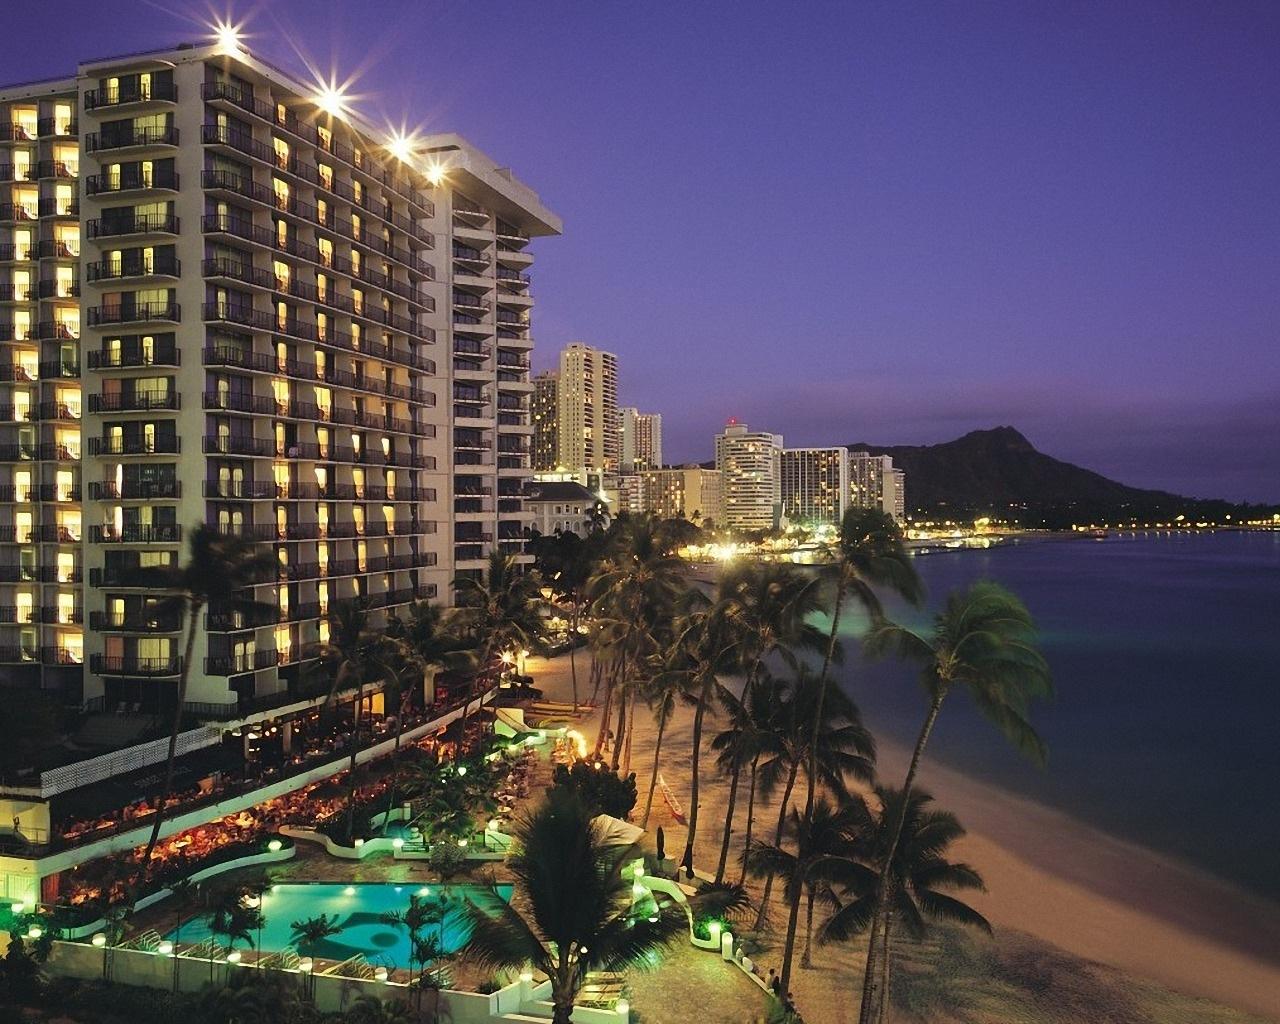 Waikiki Beach Wallpaper Hd: Waikiki Screensaver Gallery